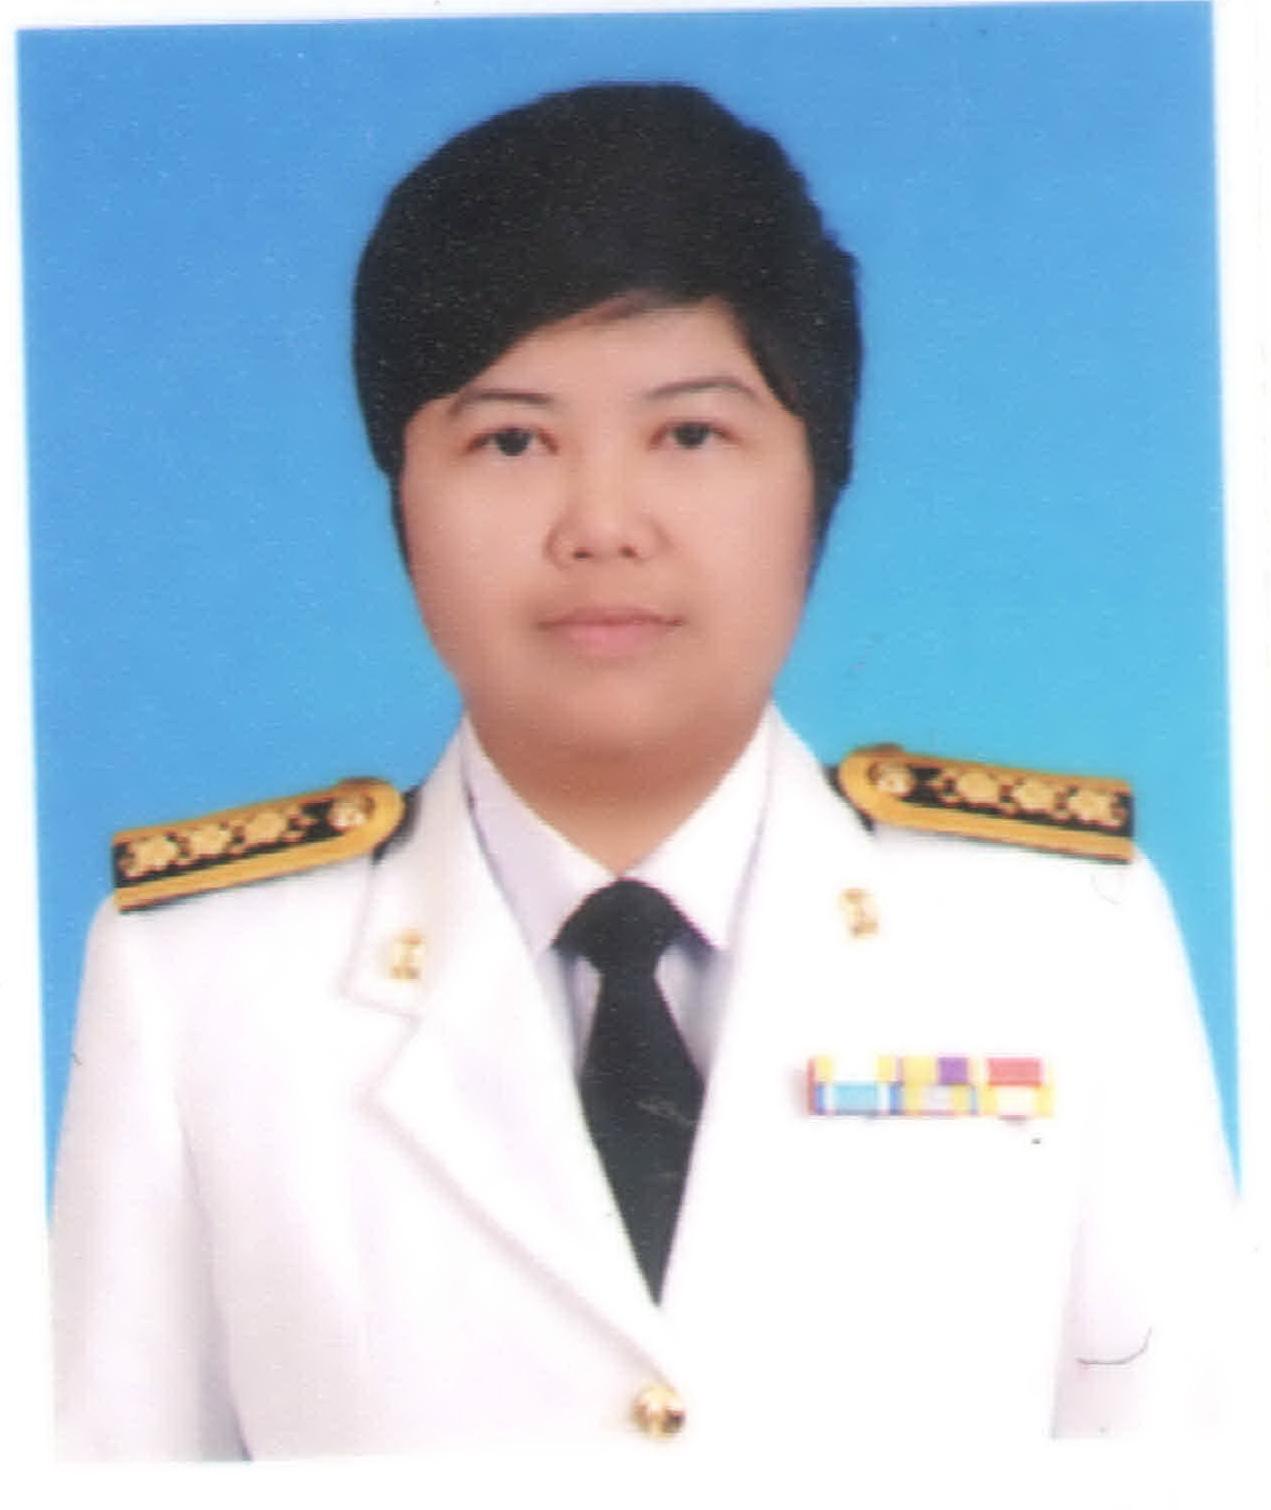 นางสาวหทัยรัตน์ ตัลยารักษ์ (Miss Hathairat Tunyarat)